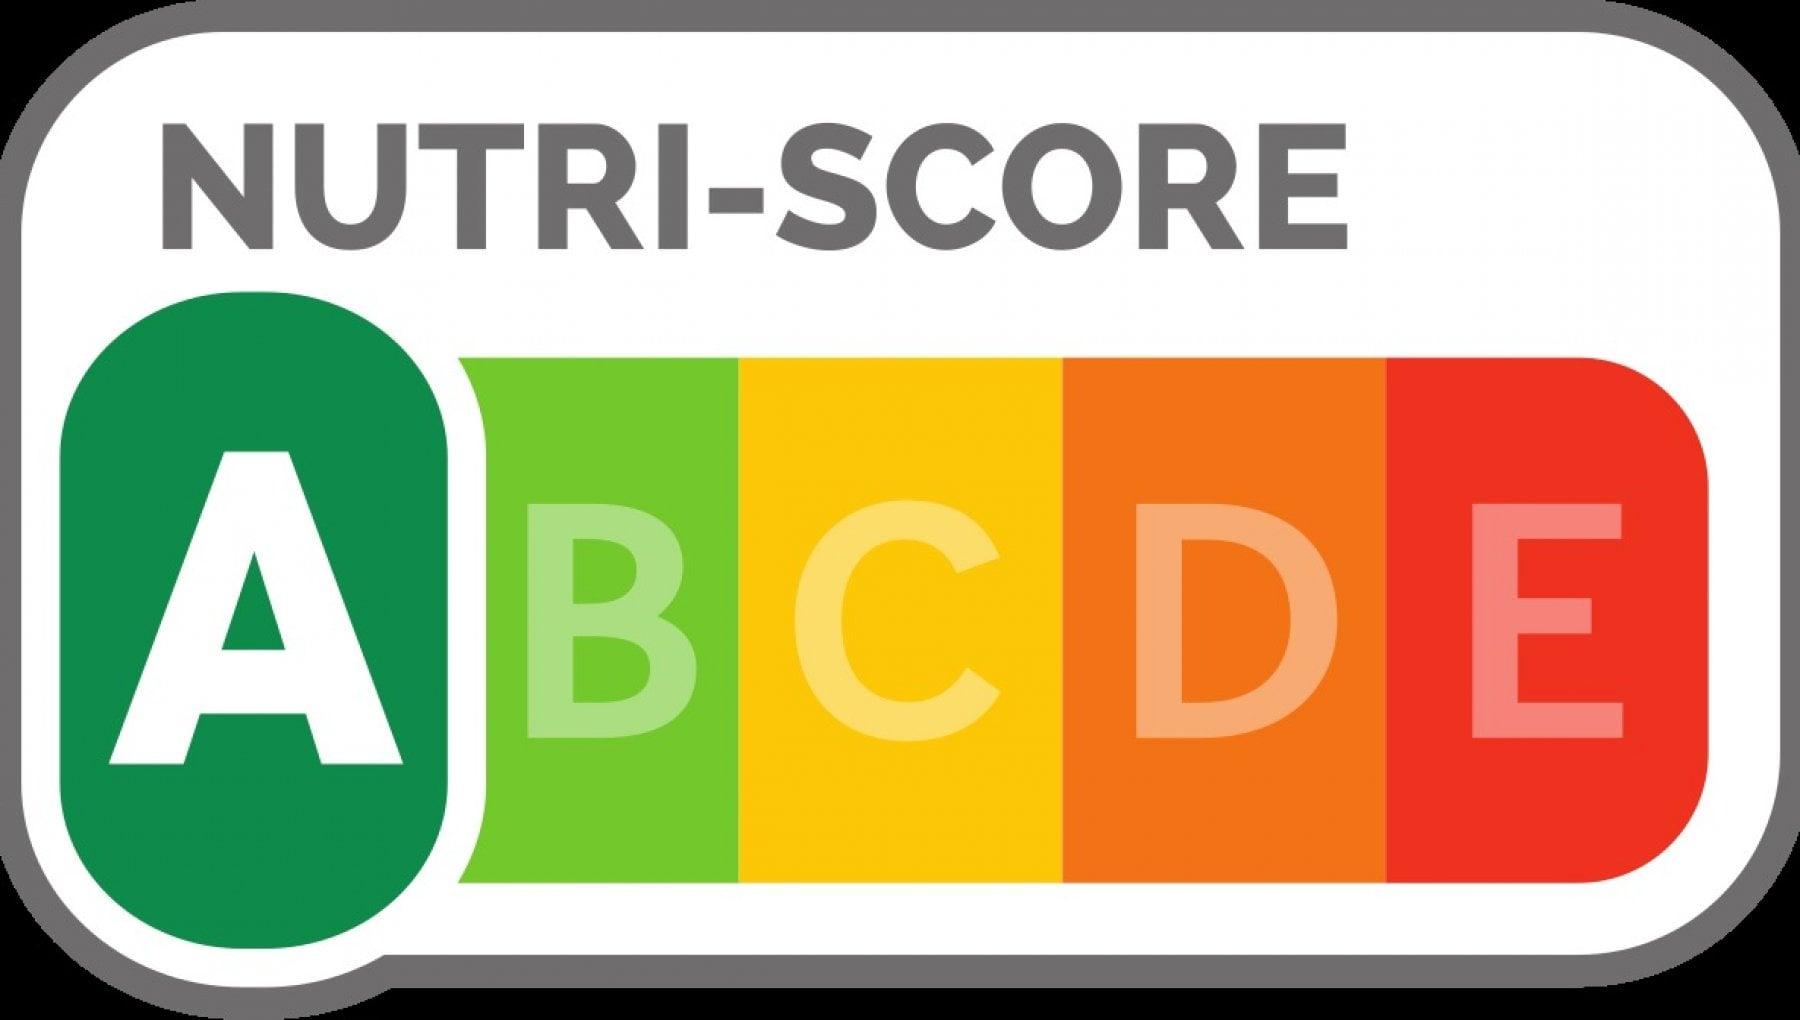 Etichetta nutrizionale lItalia affossa la Germania sul Nutriscore